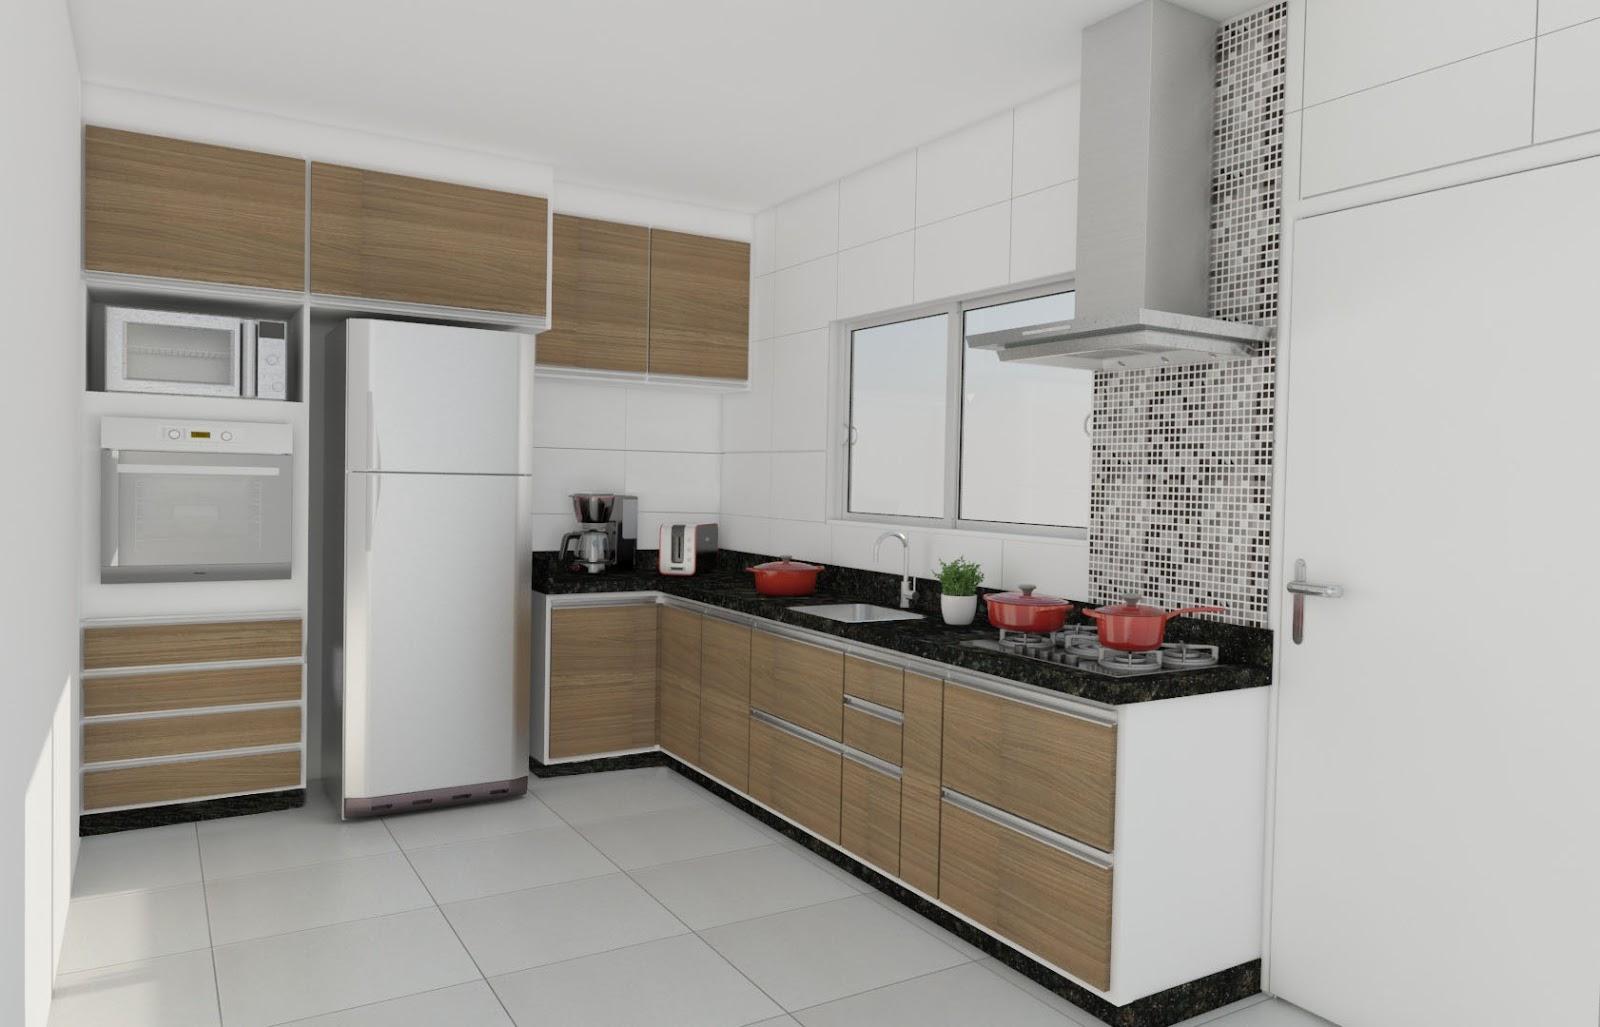 Construindo minha casa clean d vida da leitora helena - Ver cocinas montadas ...